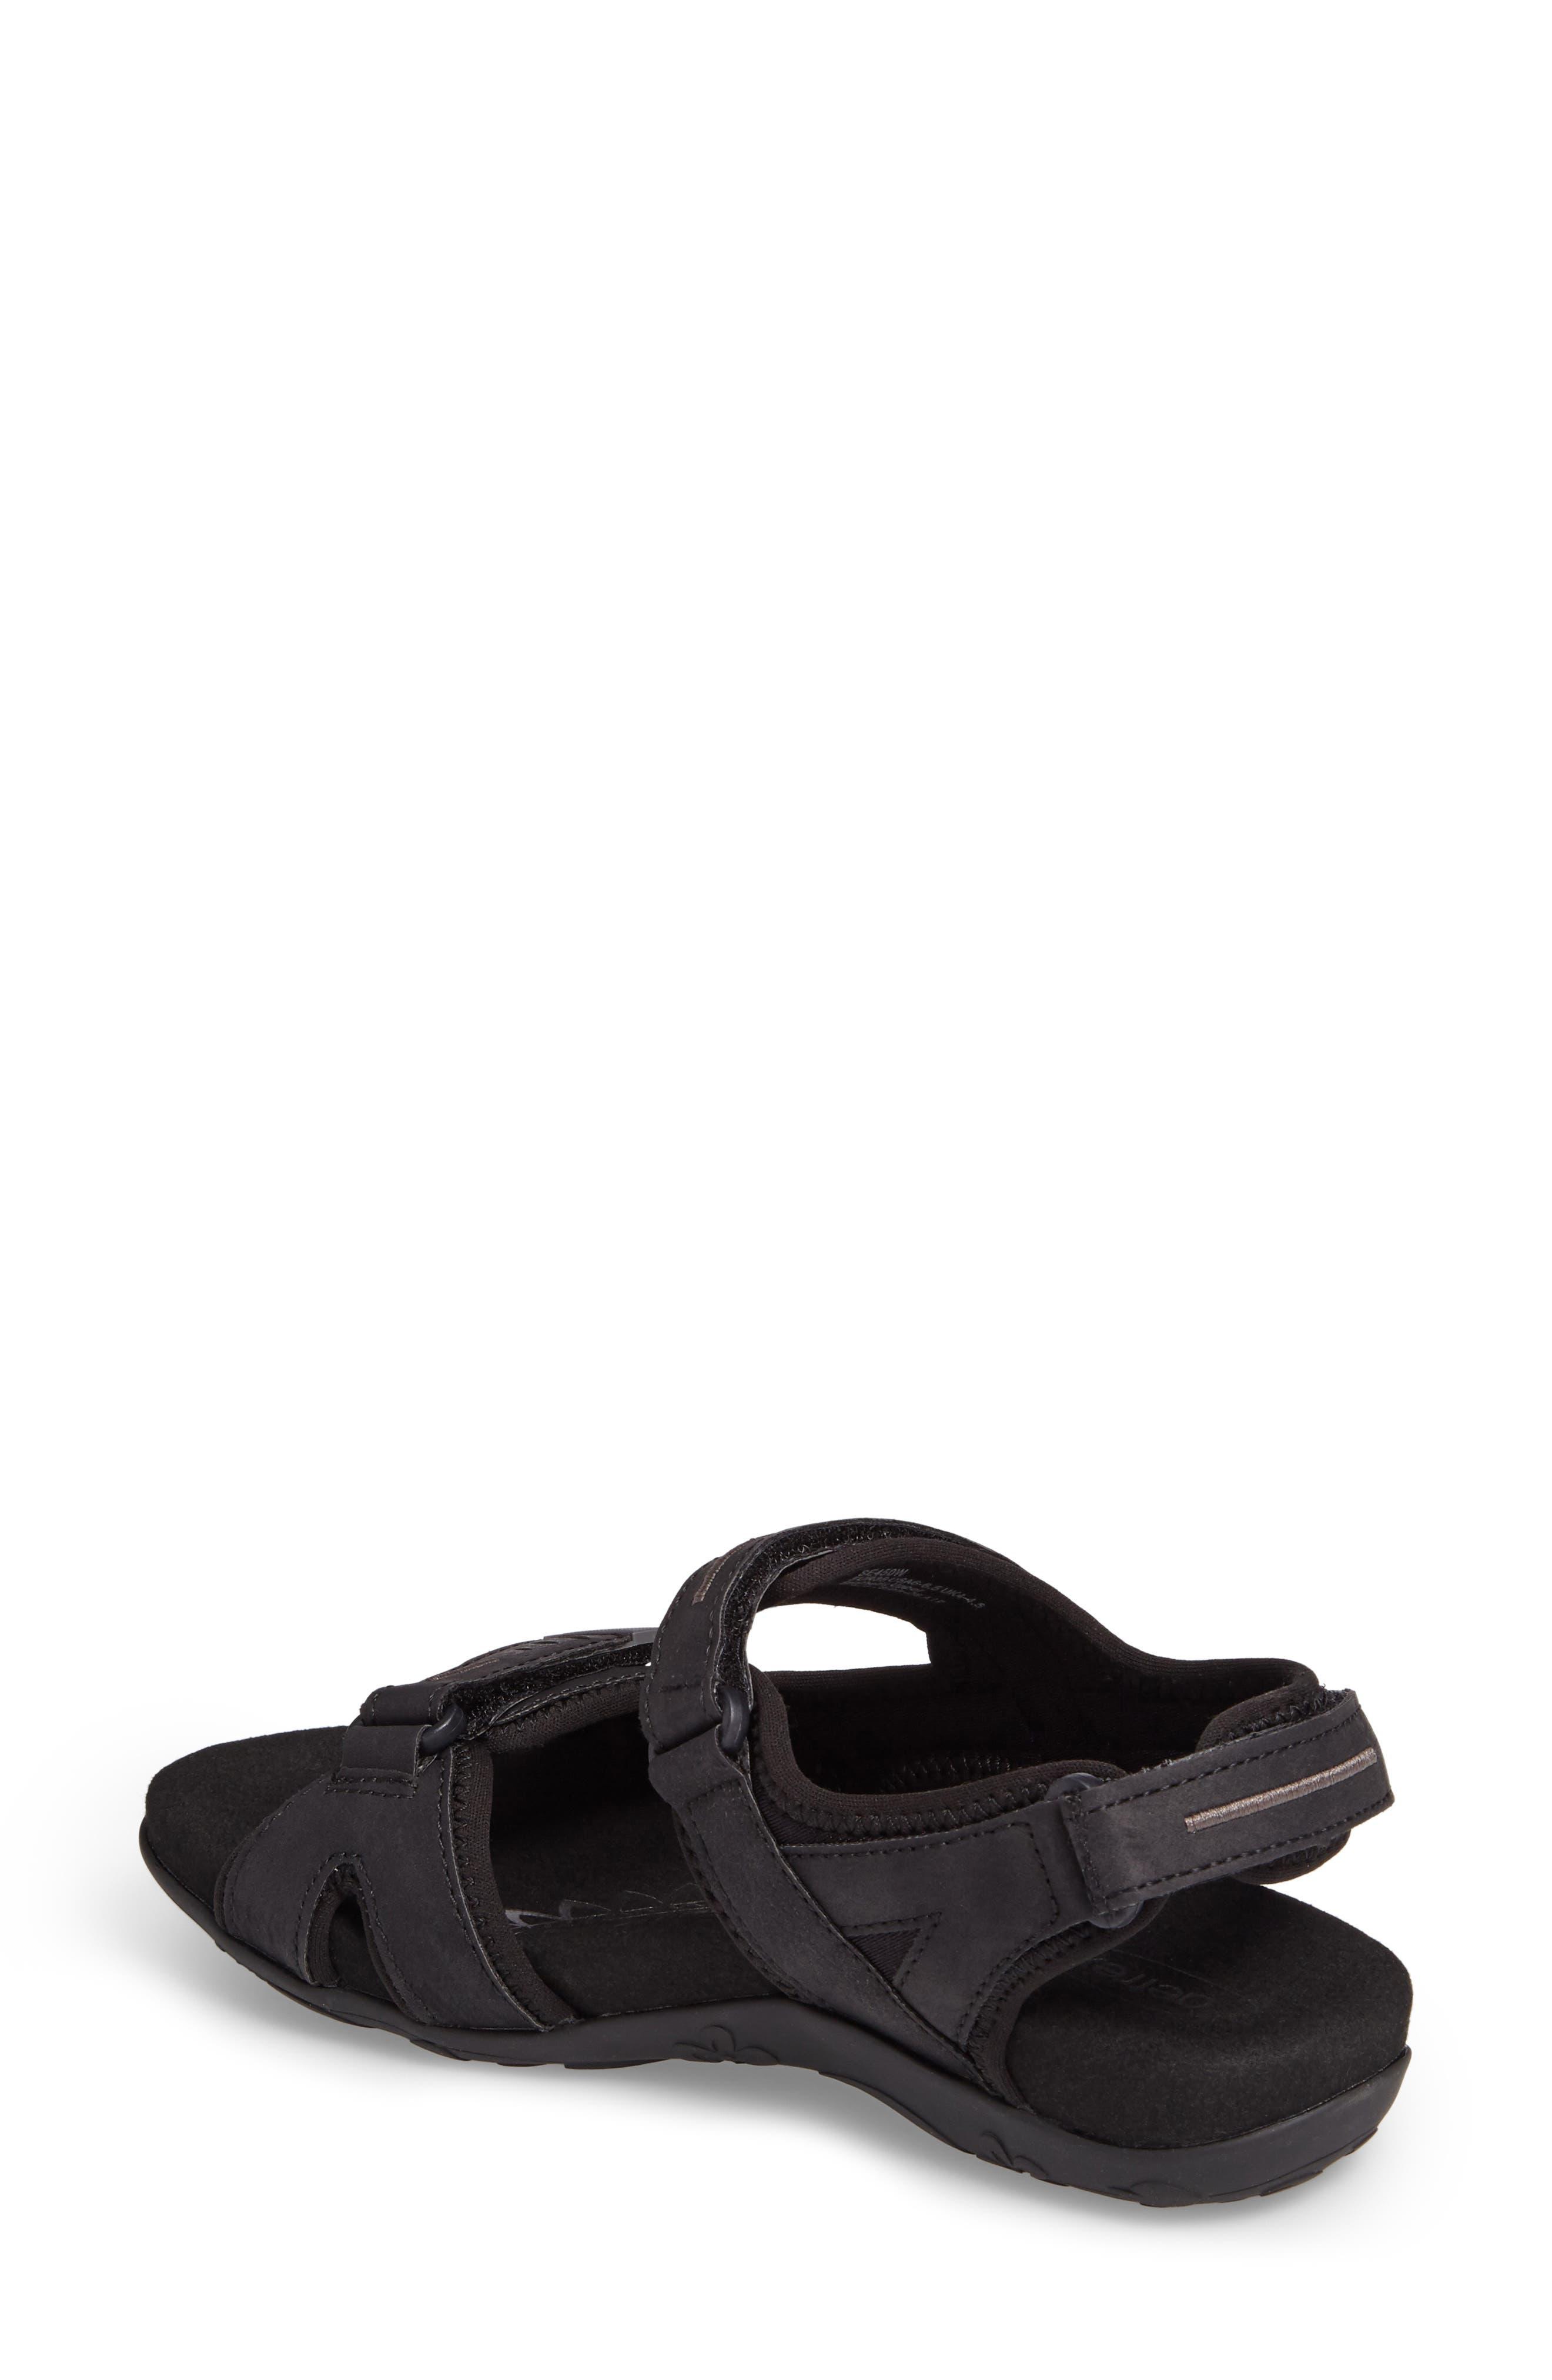 Bree Sport Sandal,                             Alternate thumbnail 2, color,                             Black Fabric